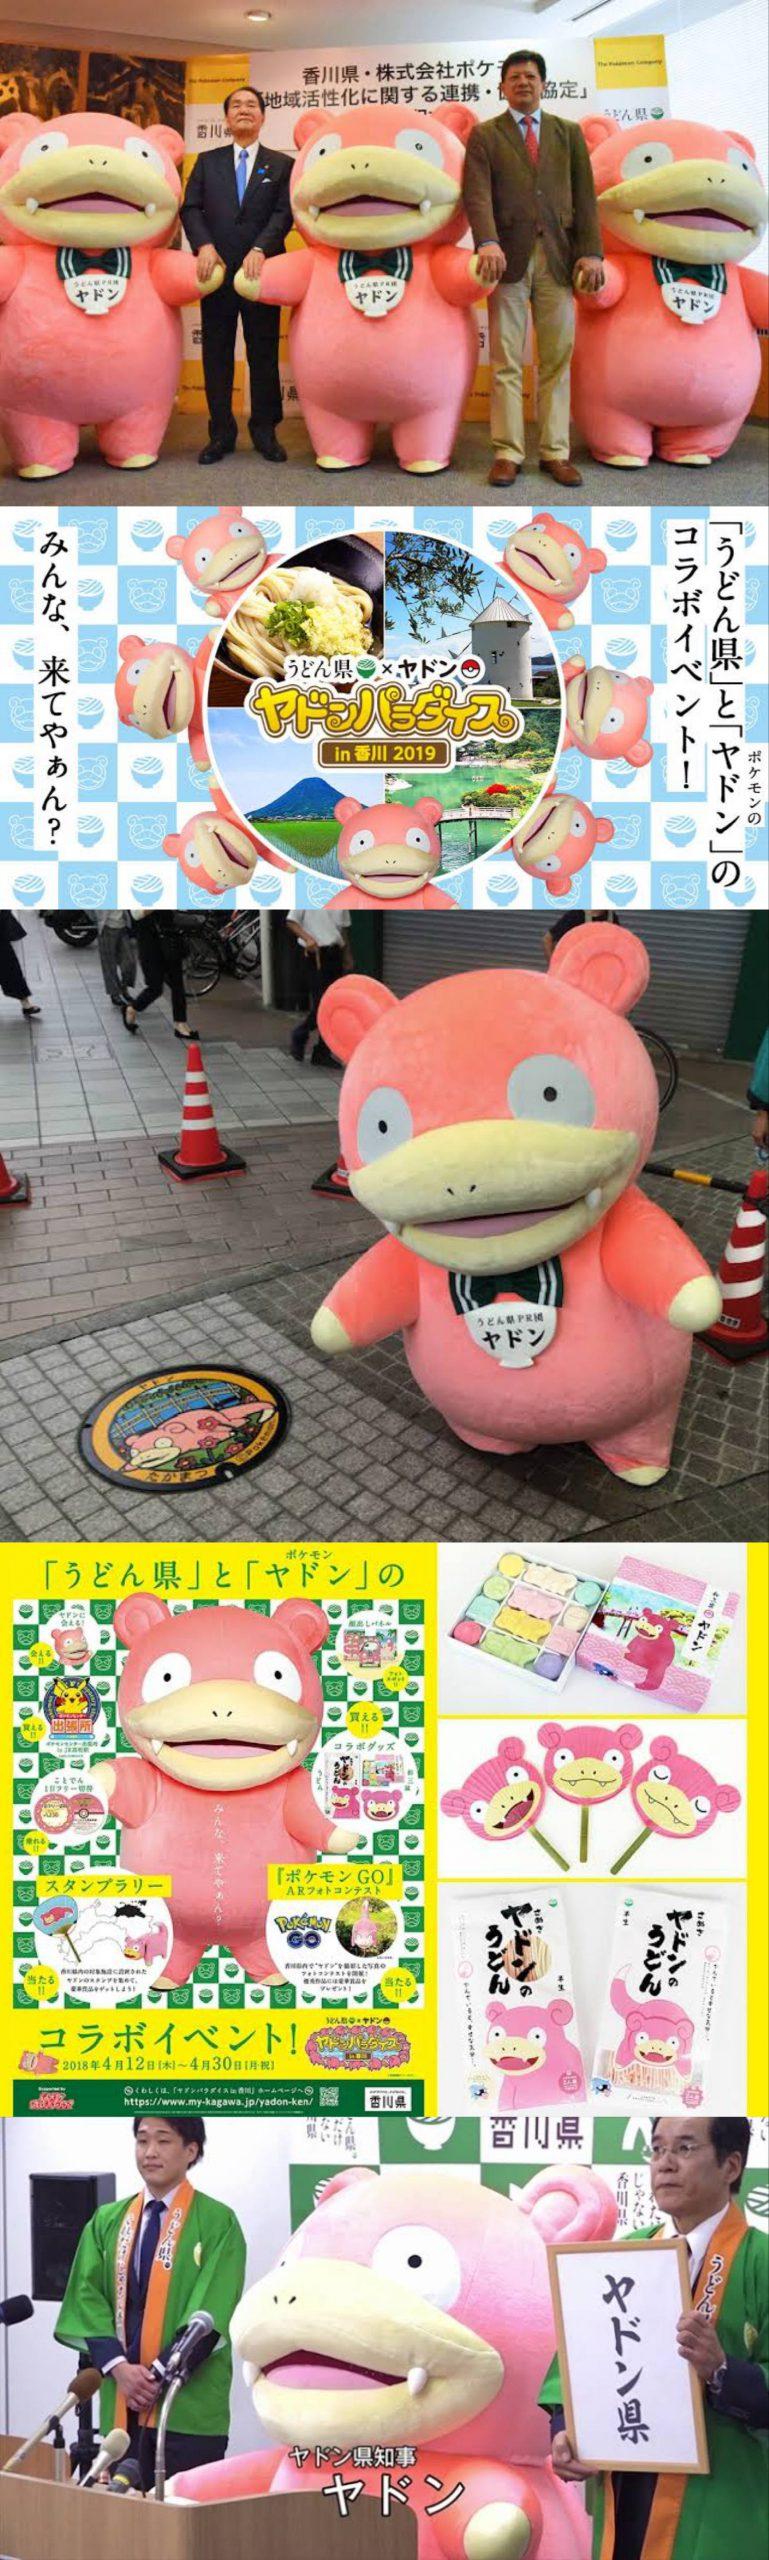 YsaBbfA scaled - 香川県ゲーム規制条例、県民の9割が賛成!お前らはただのノイジーマイノリティw